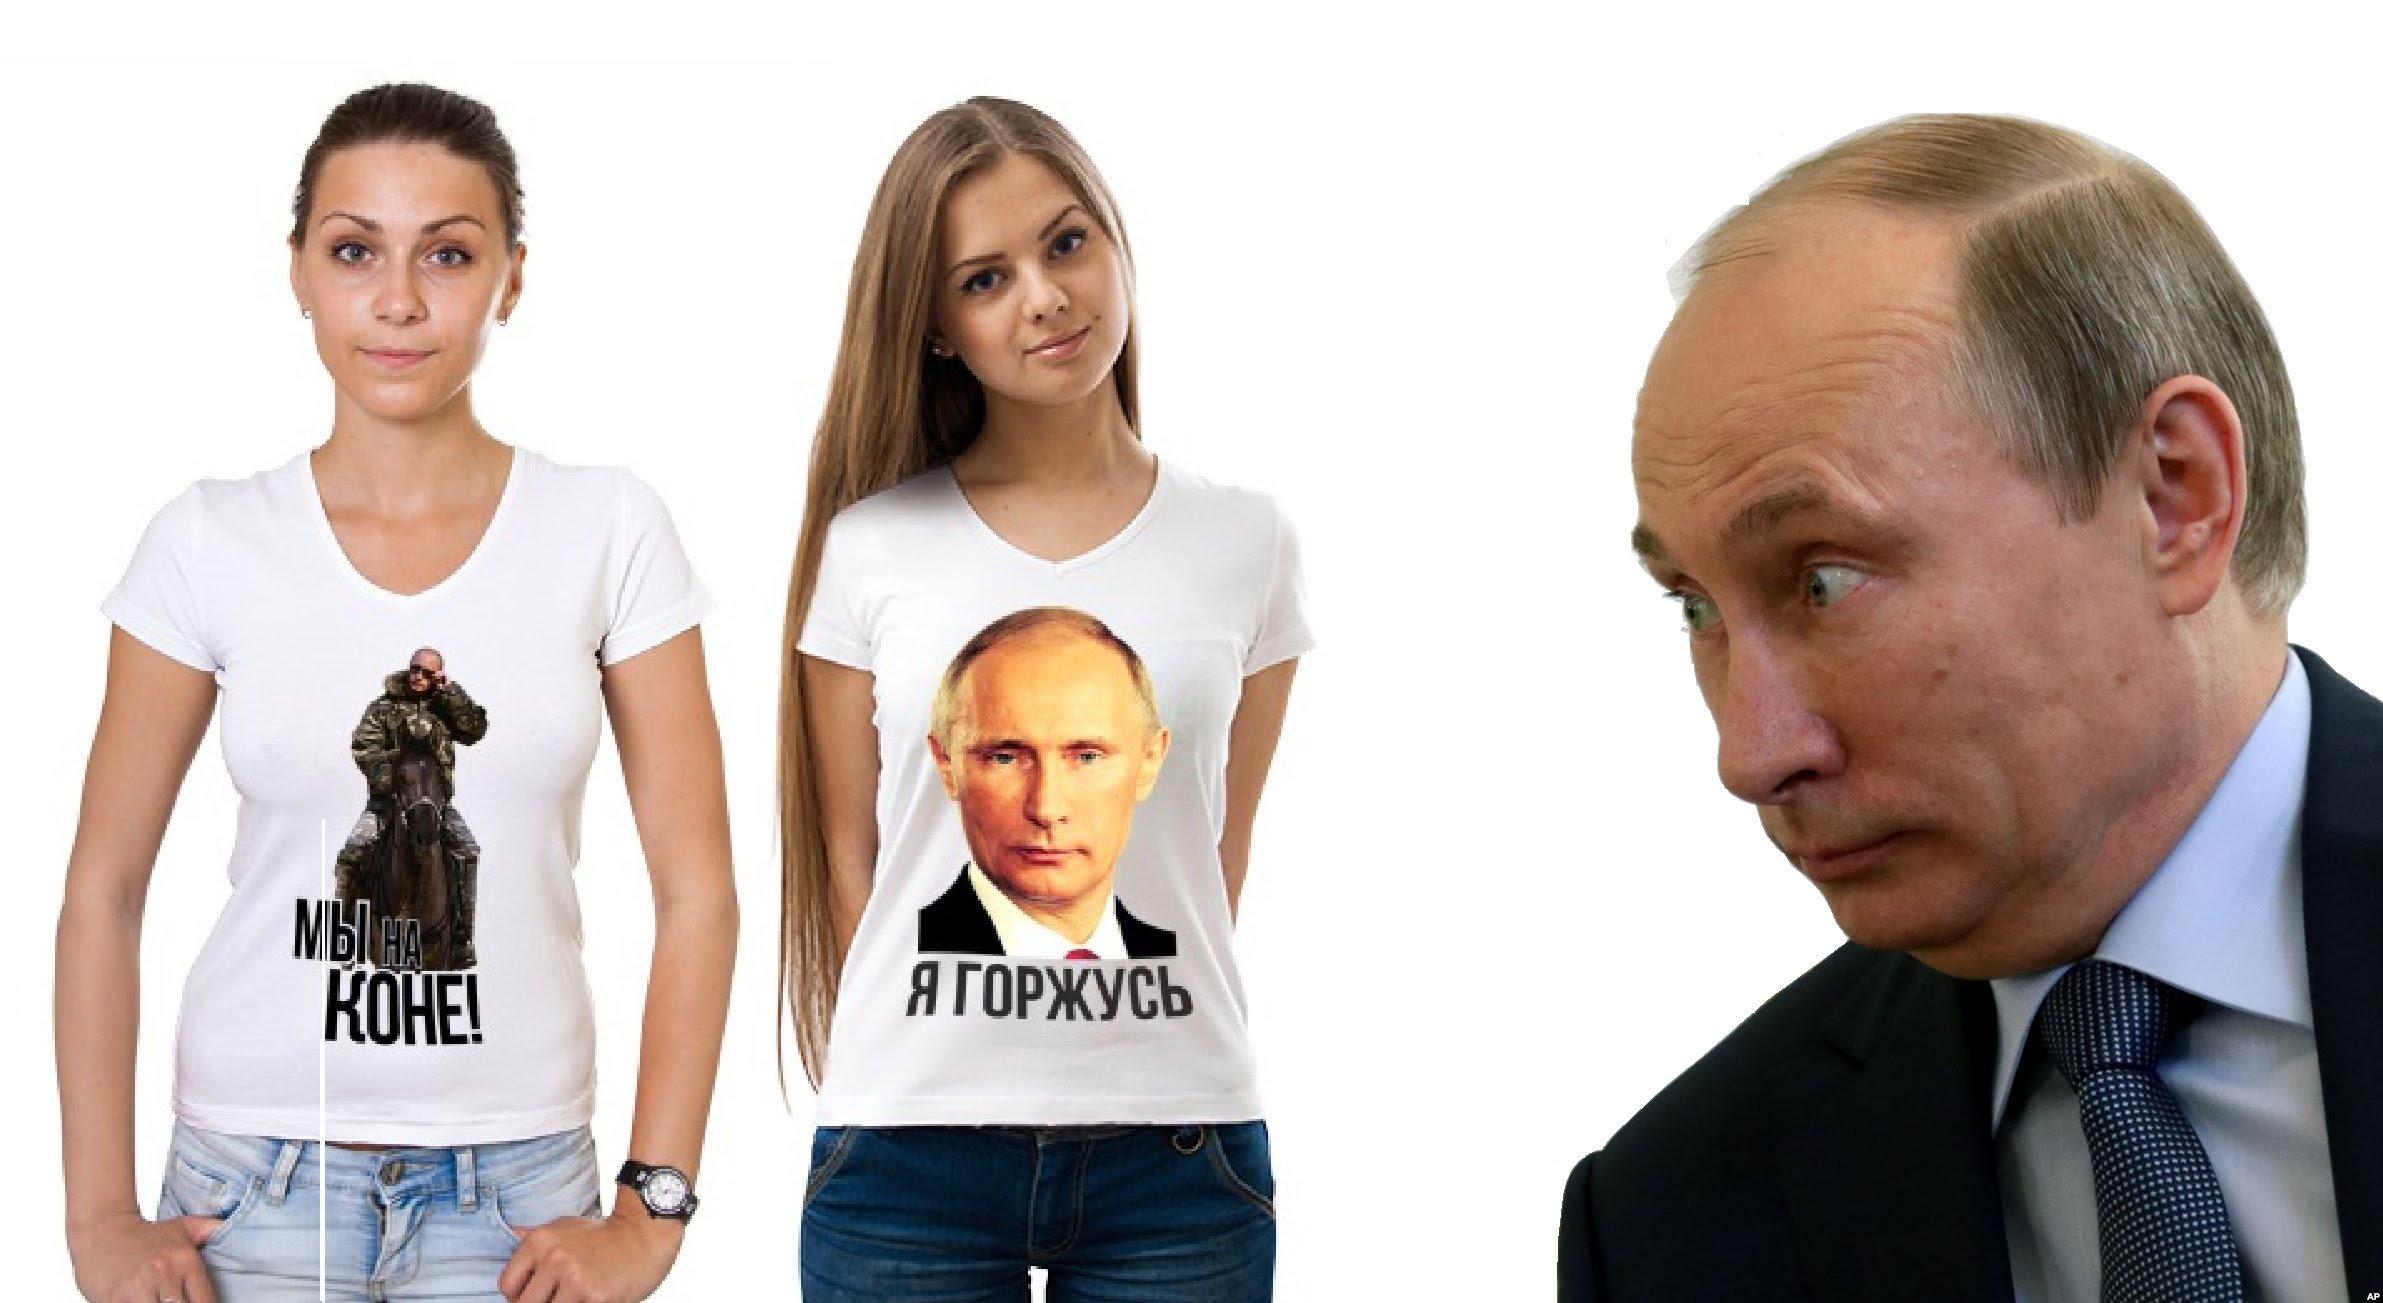 Как россияне высказывают поддержку Путину - Свежие новости ... - photo#19